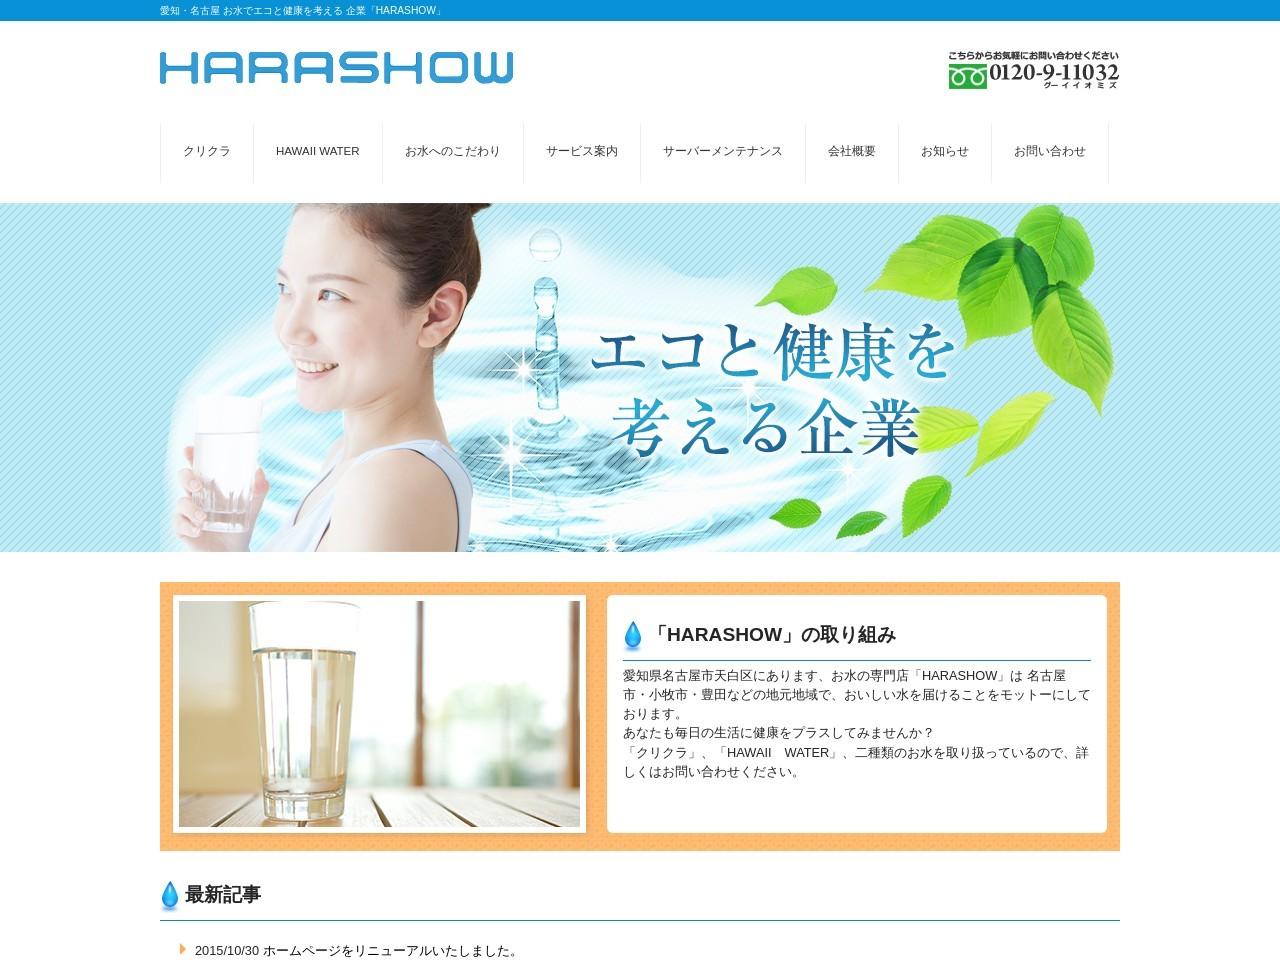 原商株式会社 | 名古屋市のお水の専門店HARASHOW